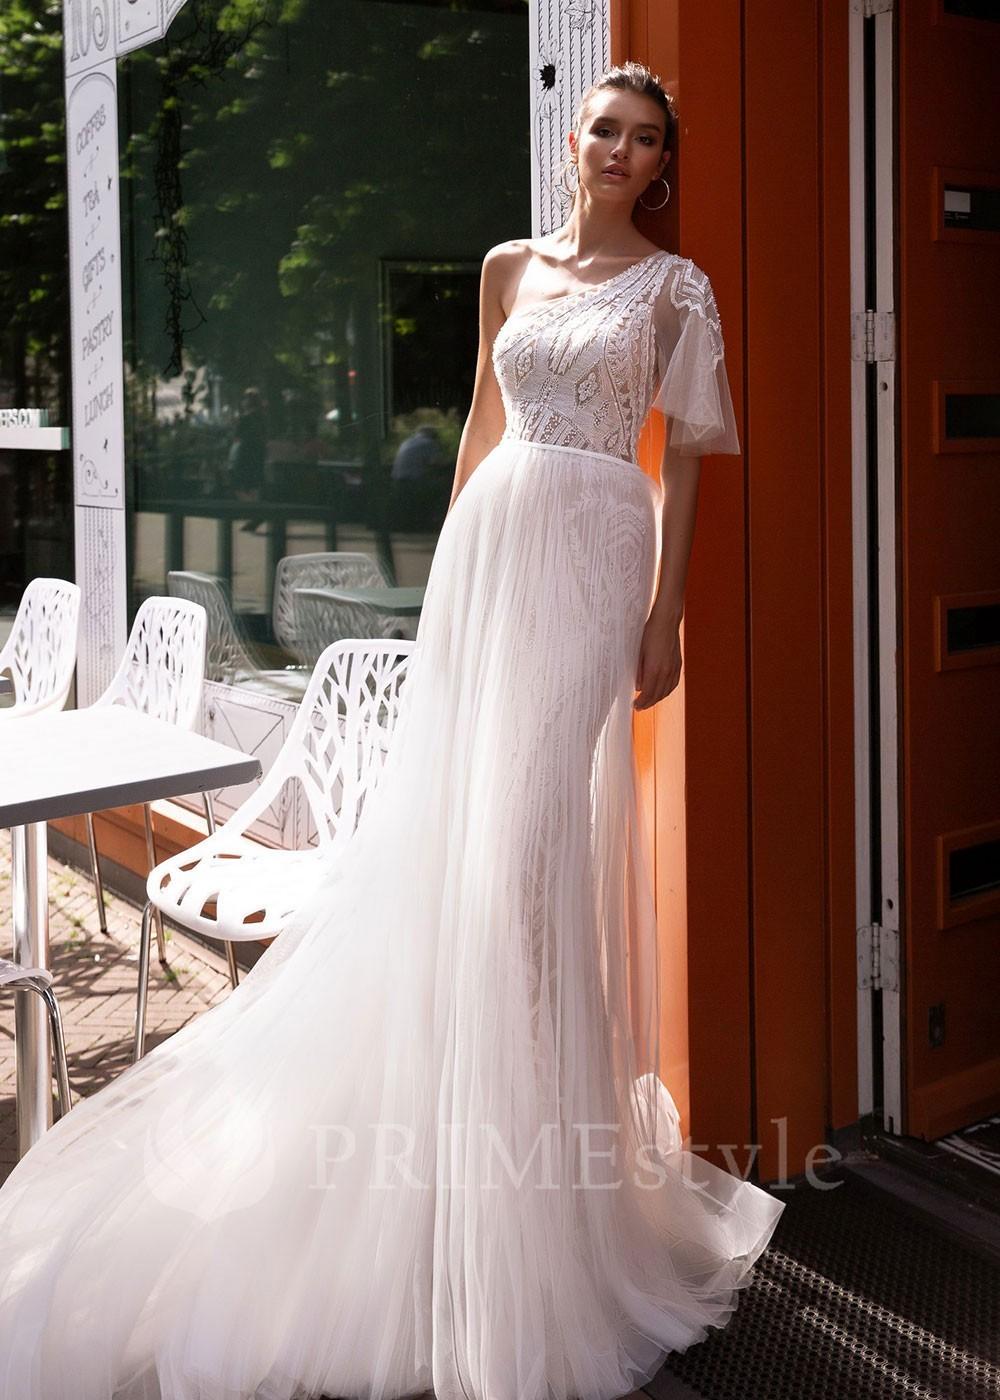 8ccd0e7316b1 Čipkované svadobné šaty s dlhým rukávom Sasha - lamode.sk